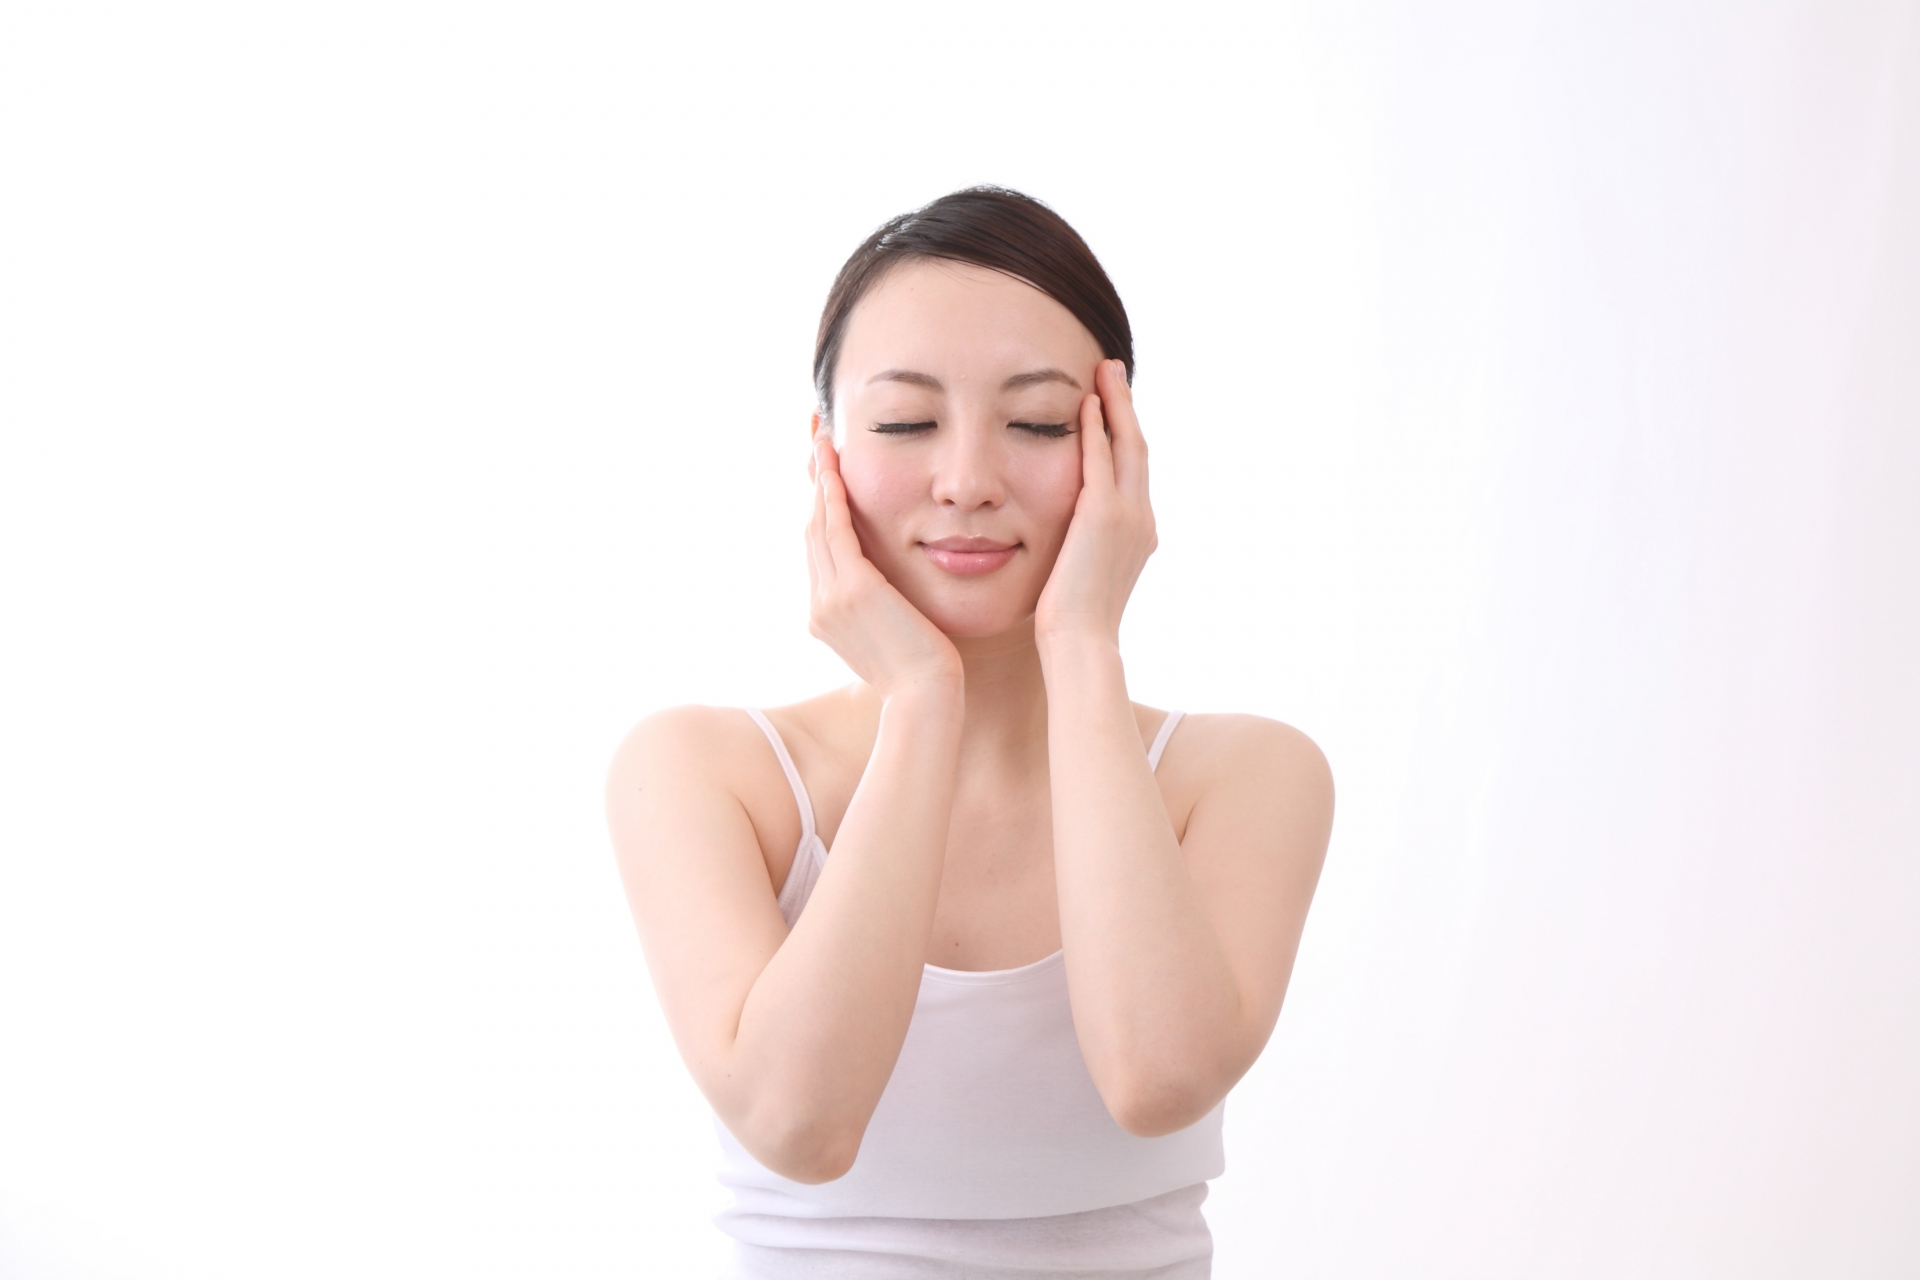 化粧品節約でシンプルケアをする女性